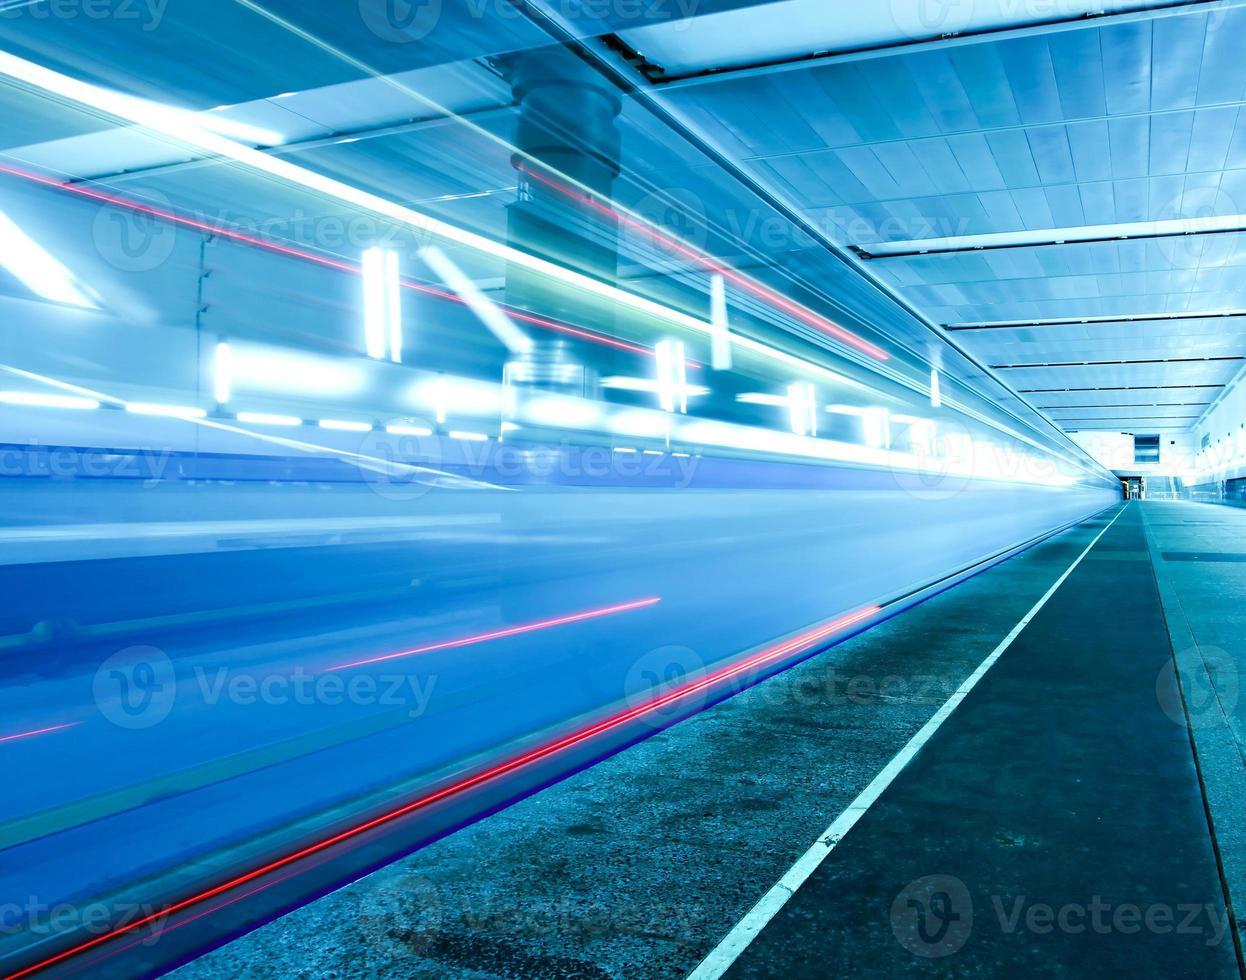 snel rijdende trein op ondergronds perron foto